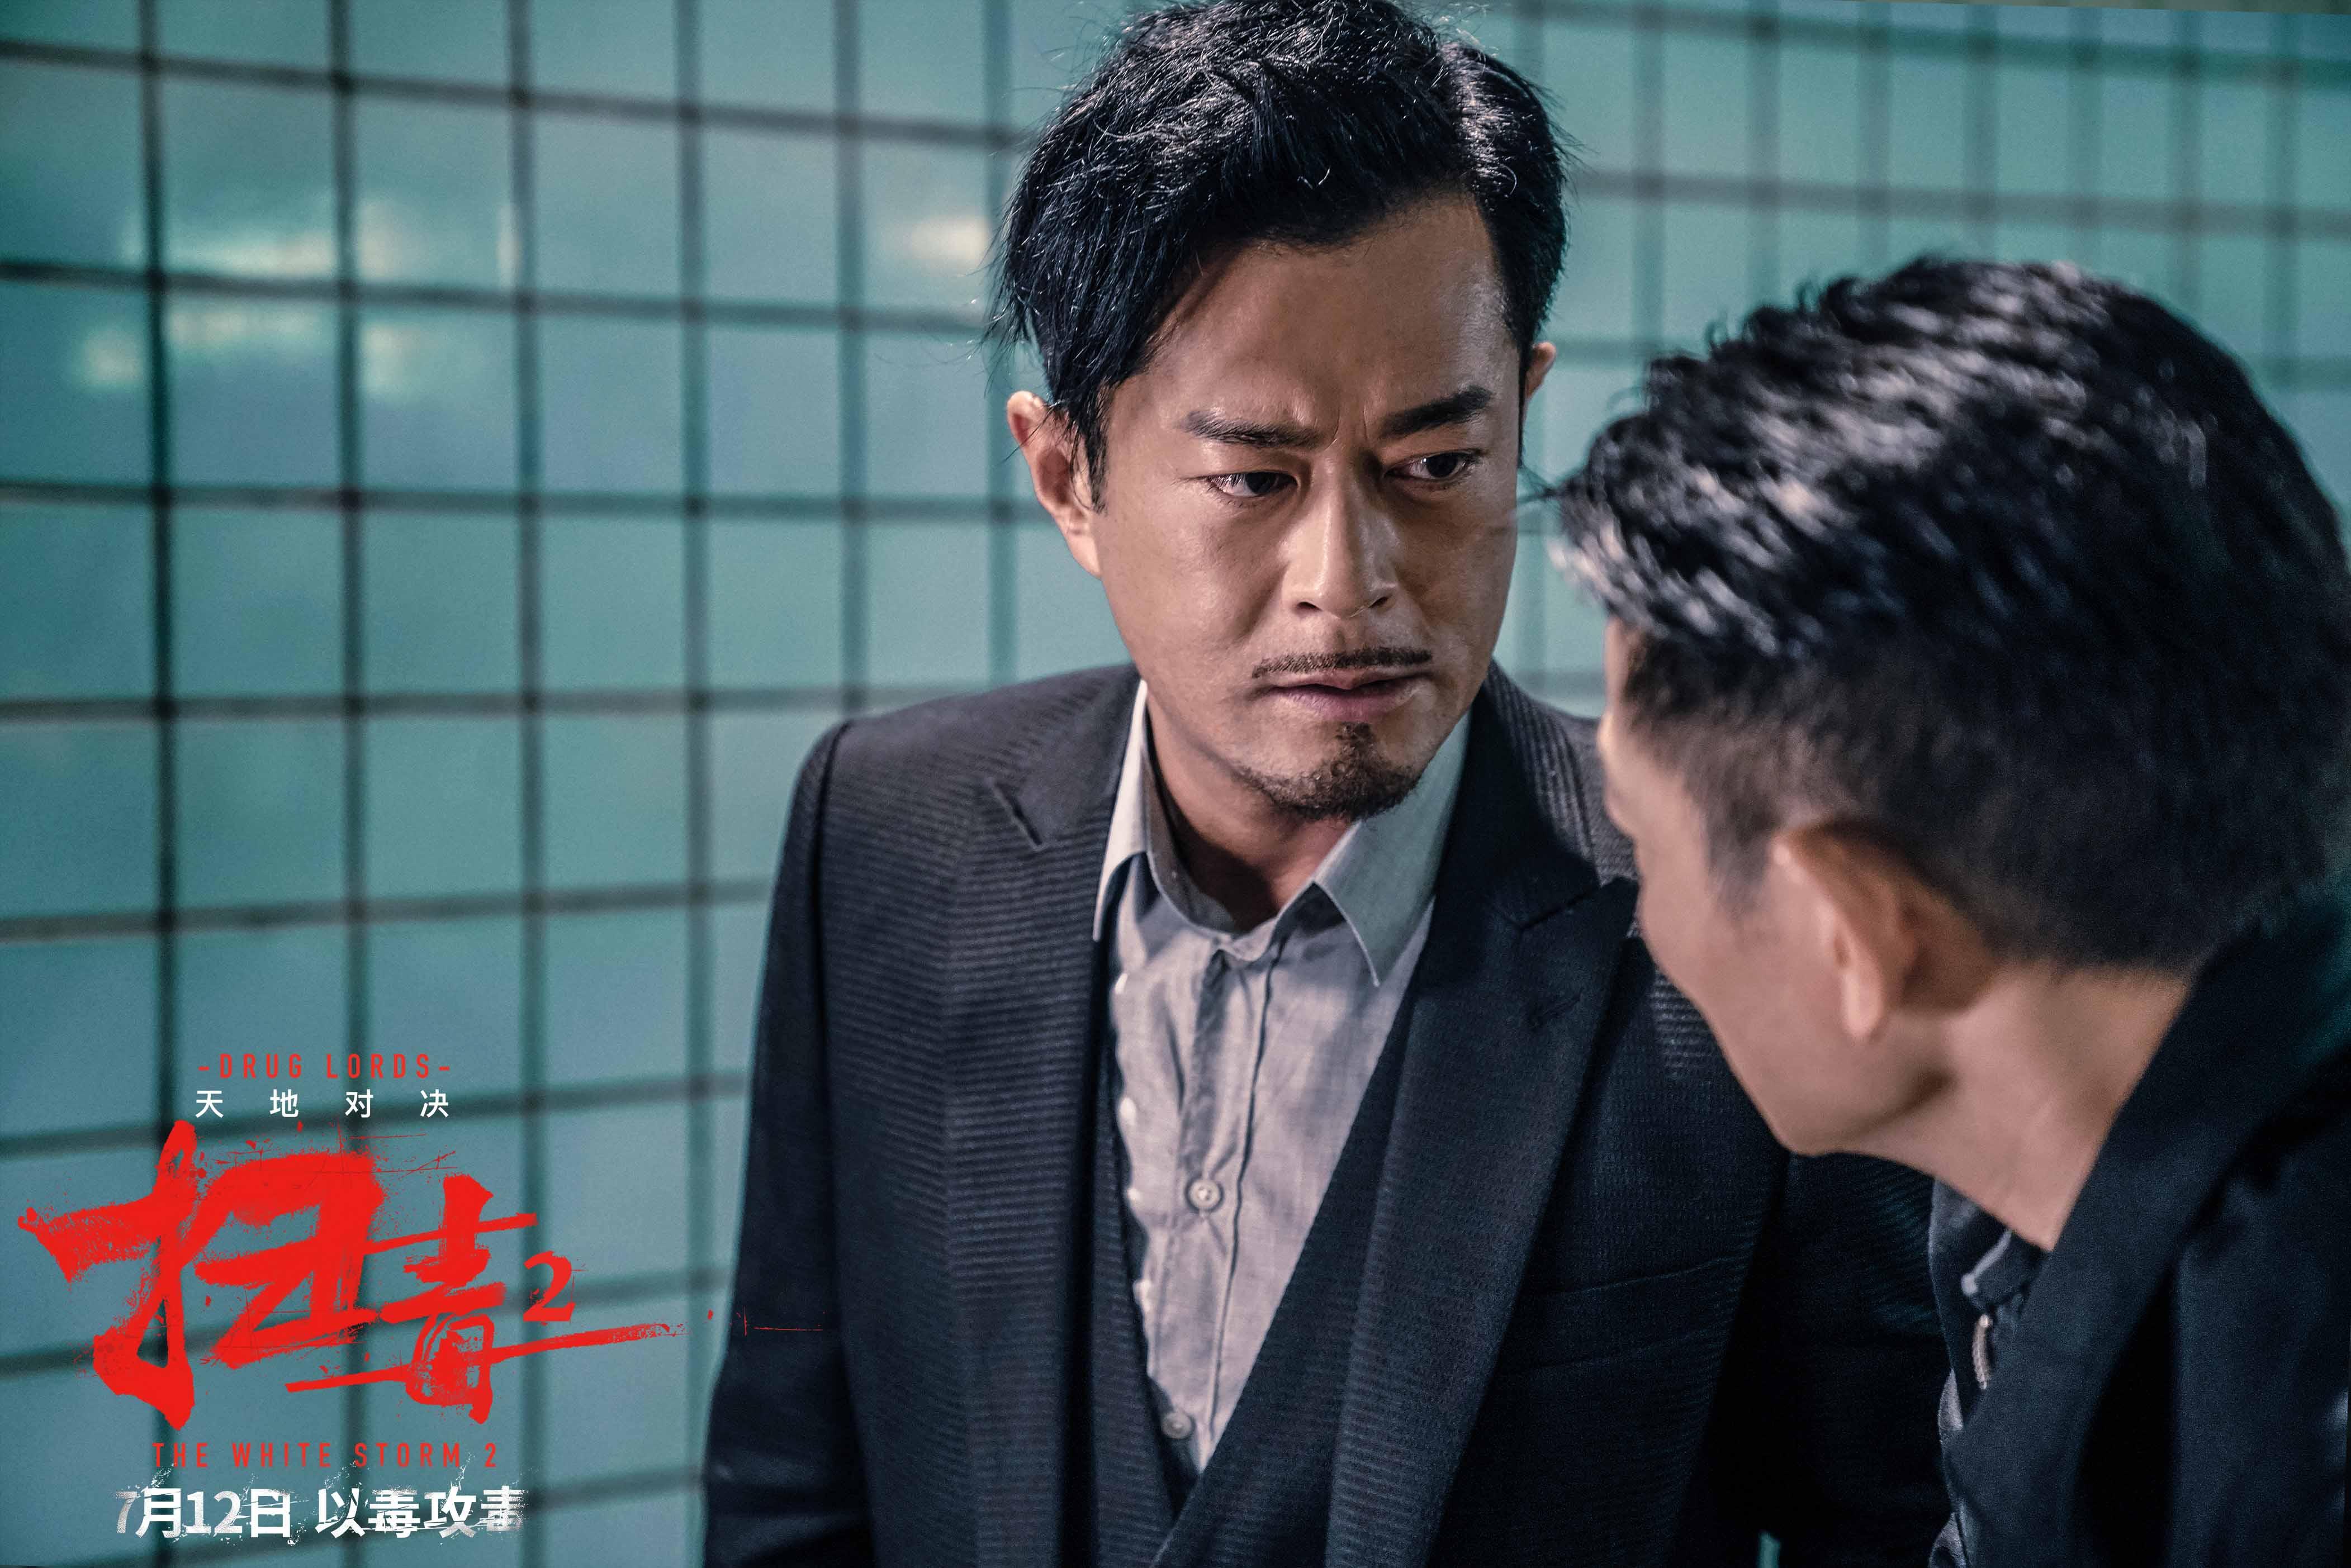 古天乐又主演6部新片,旗下公司12部新片,香港电影新一代劳模